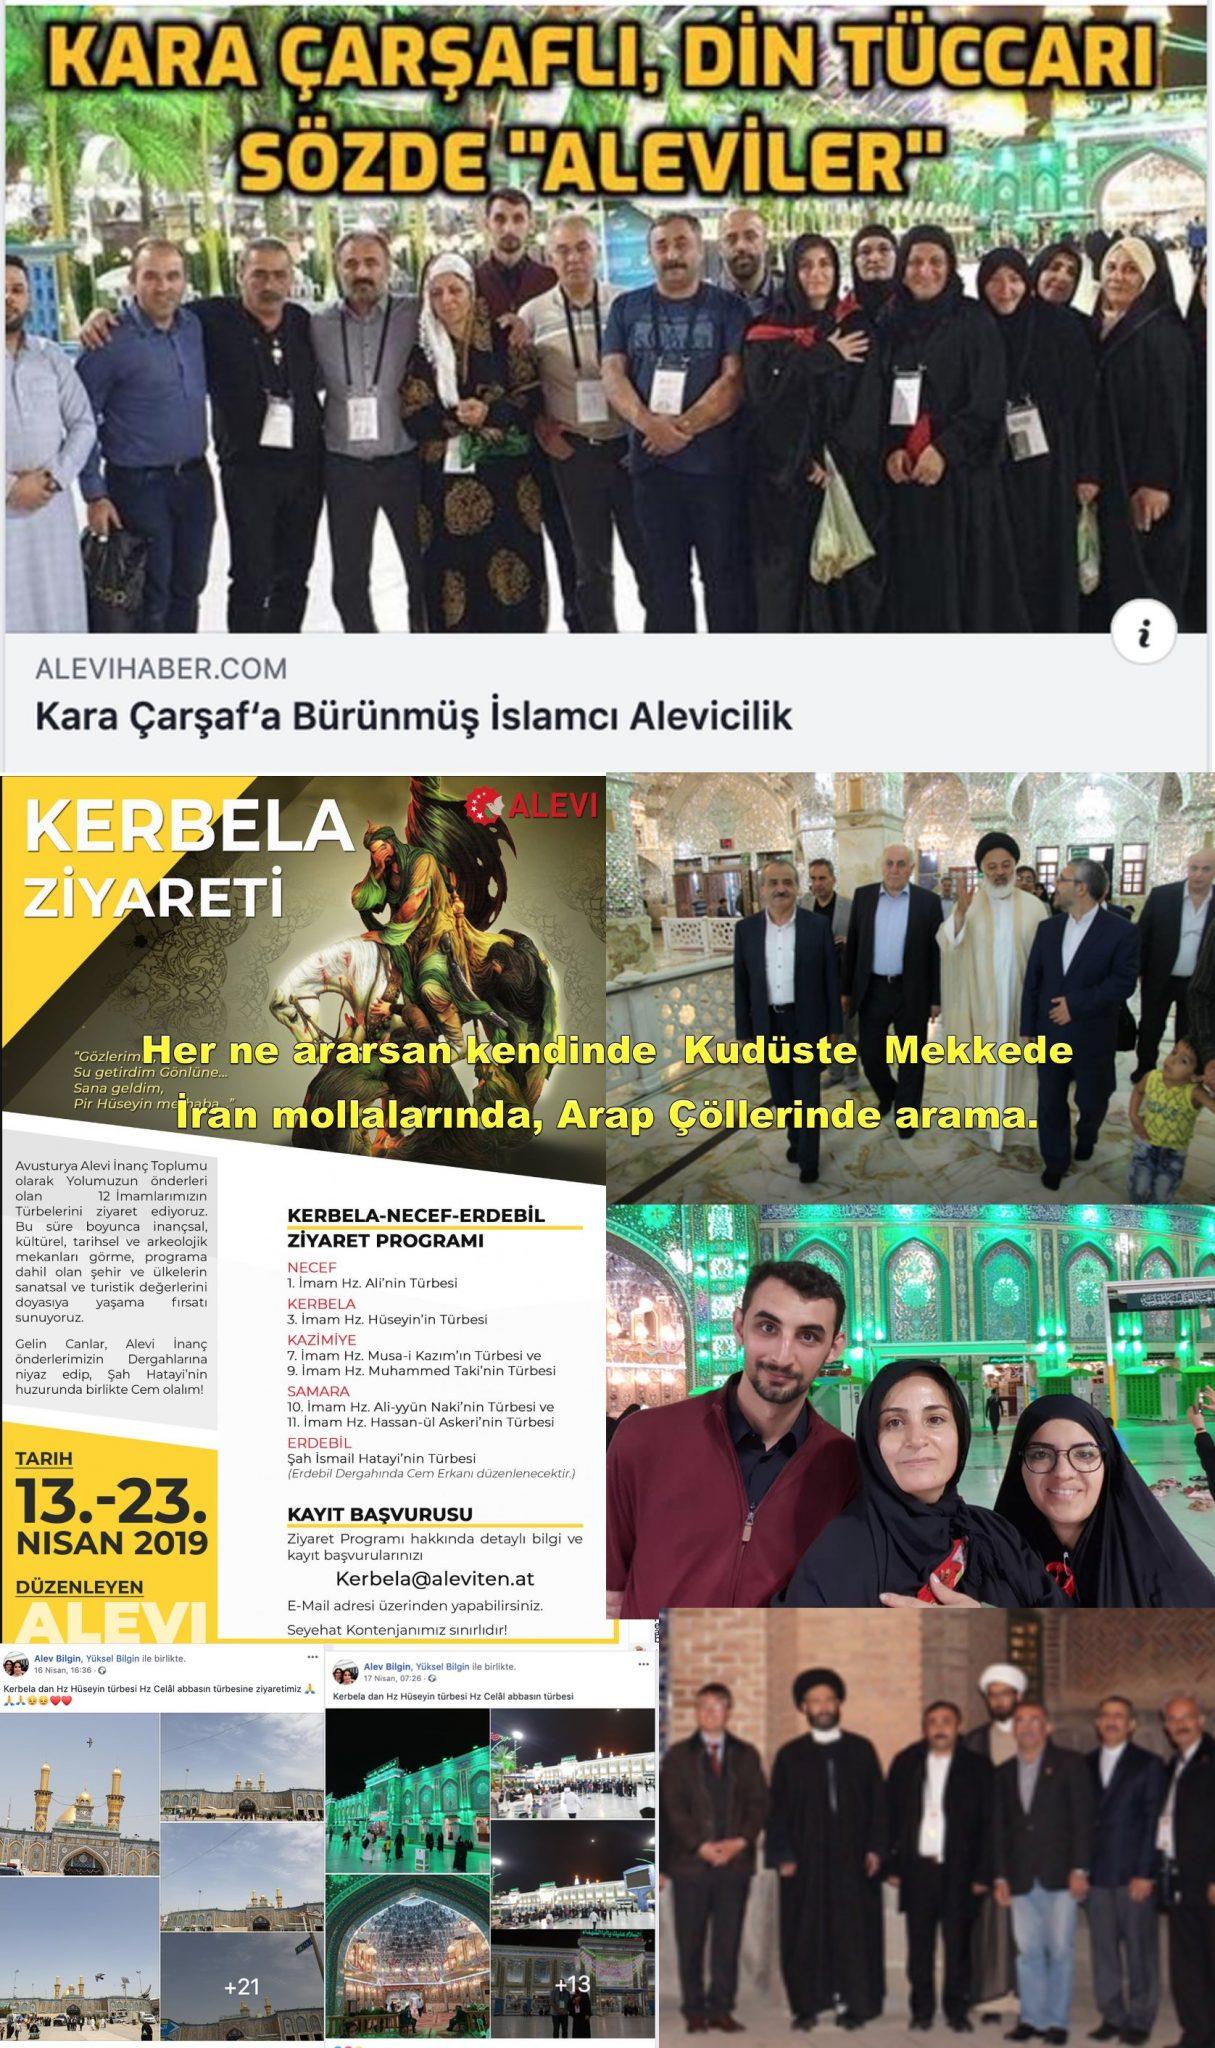 3 Avusturya Alevi islamcı Aleviler  DAB devrimci Aleviler Birliği  çarsaf arap çöllerinde arama